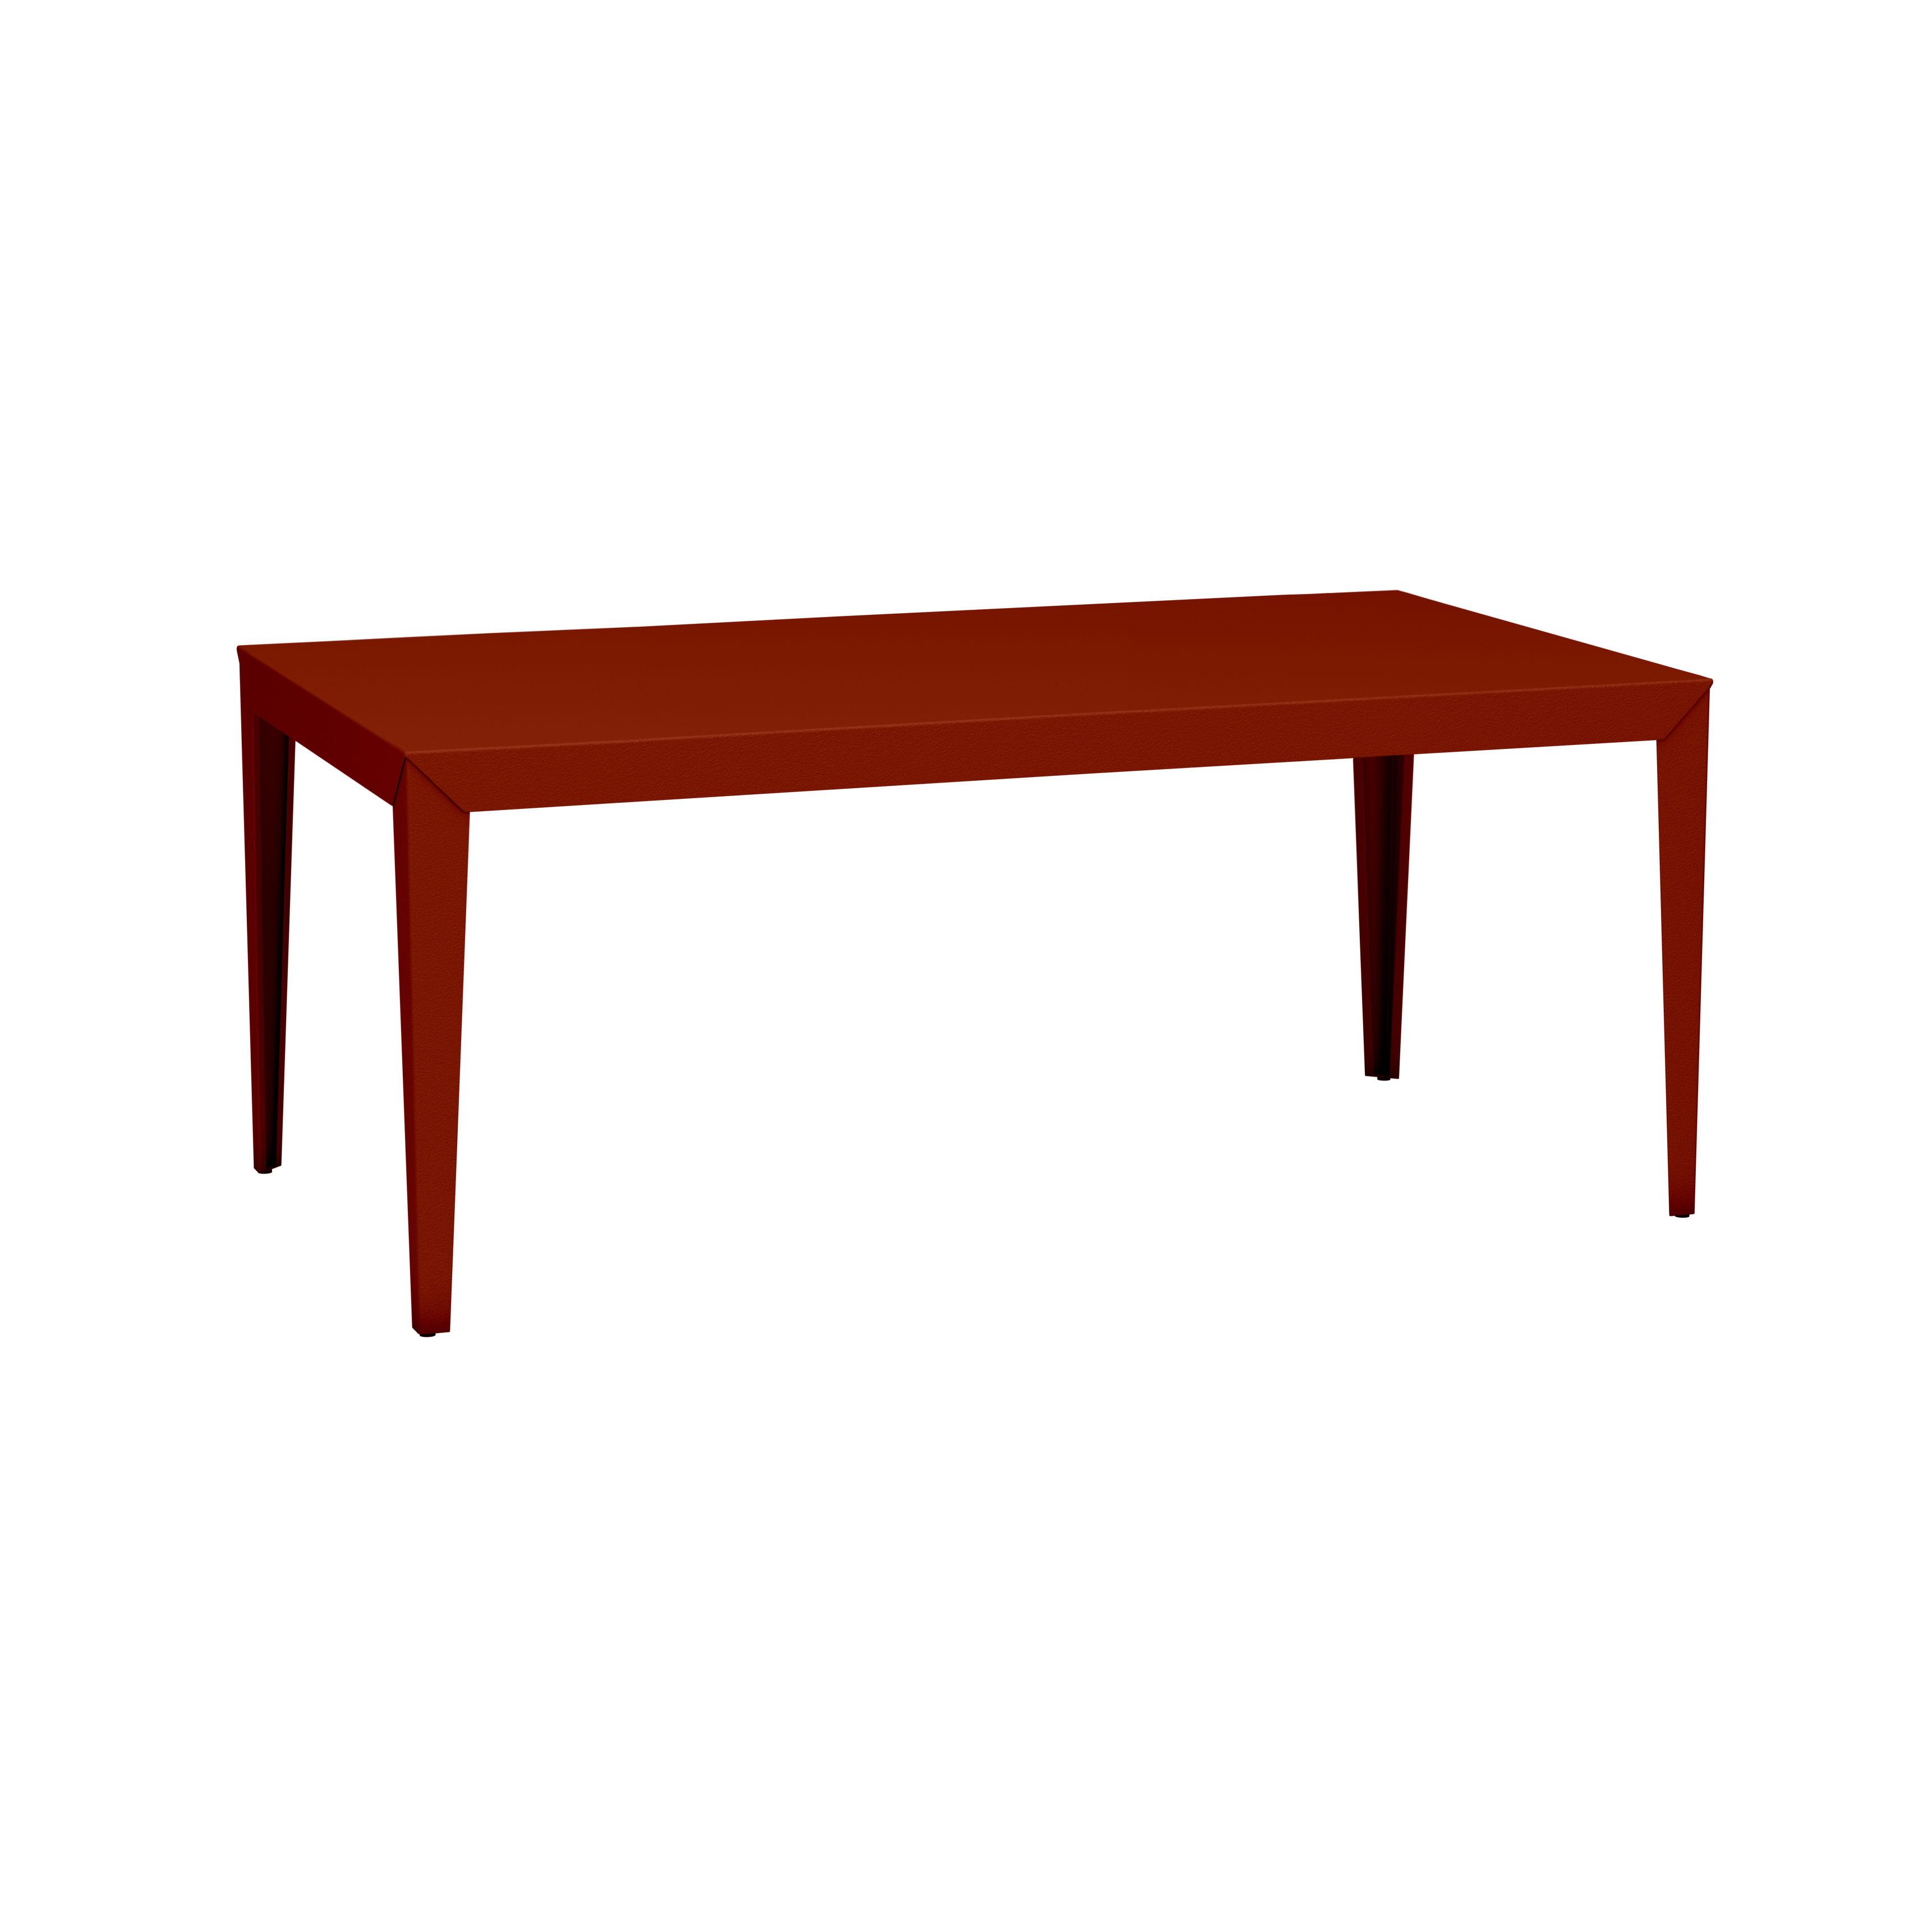 Table rectangulaire Zef INDOOR / 180 x 90 cm - Acier - Matière Grise rouge/orange/marron en métal